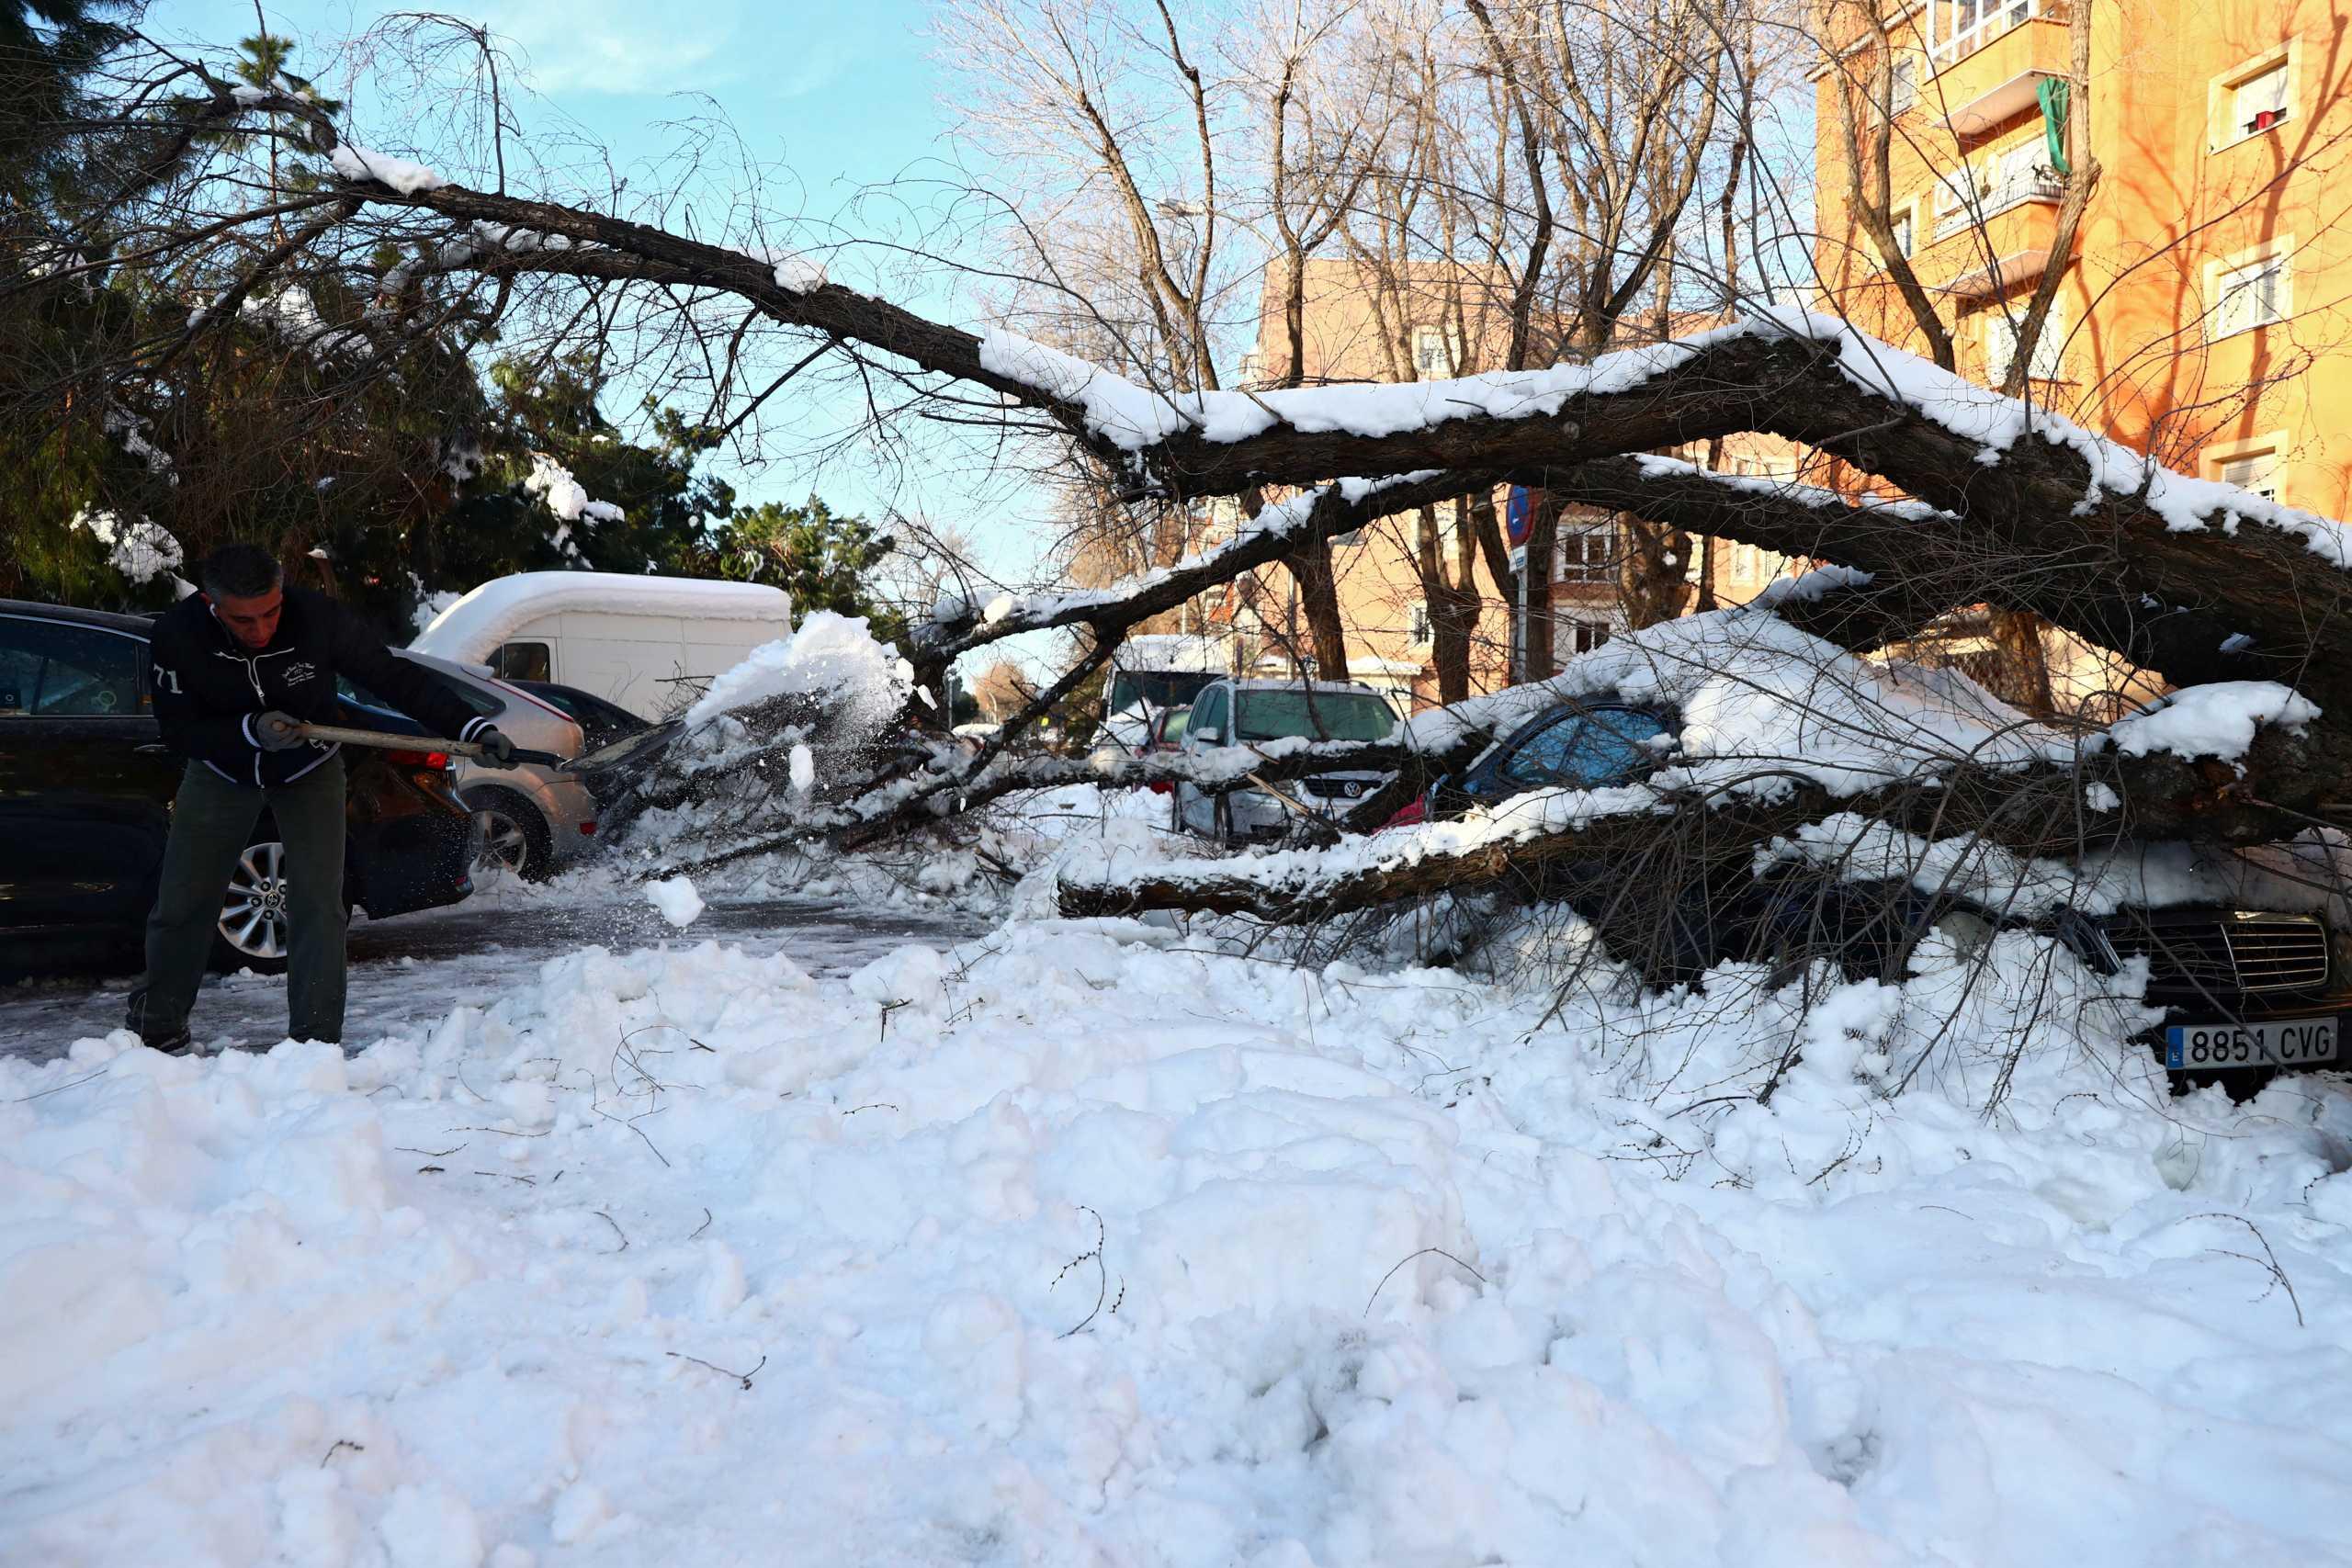 Πάνω από 1,3 δισ. το κόστος της καταστροφής από τη χιονοθύελλα στη Μαδρίτη (pics, video)